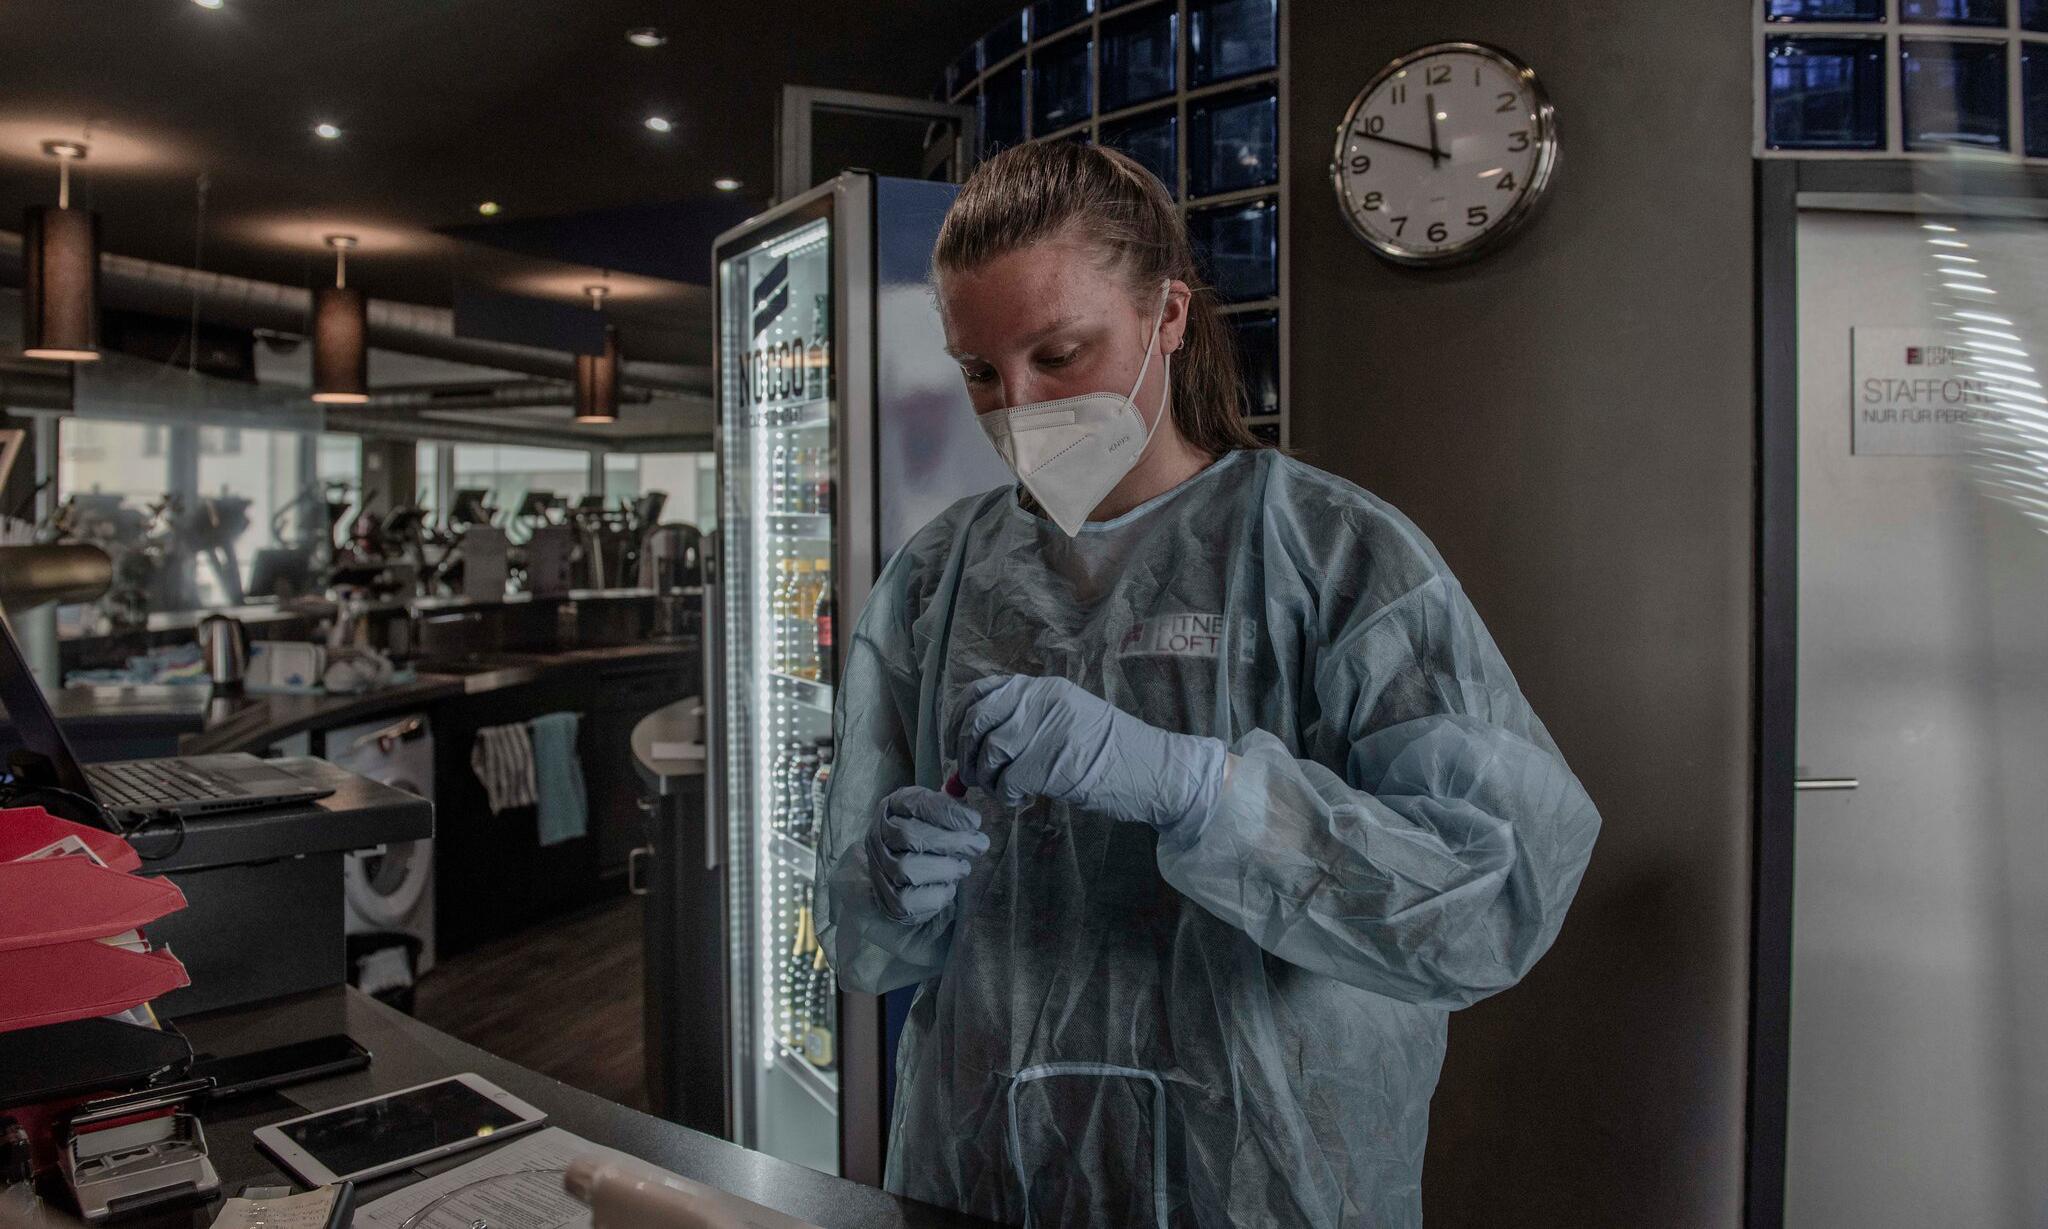 Nhân viên y tế tại điểm xét nghiệm nhanh được thiết lập trong một phòng gym ở thành phố Saarbrucken, bang Saarland, Đức, hồi tháng 6. Ảnh: NY Times.